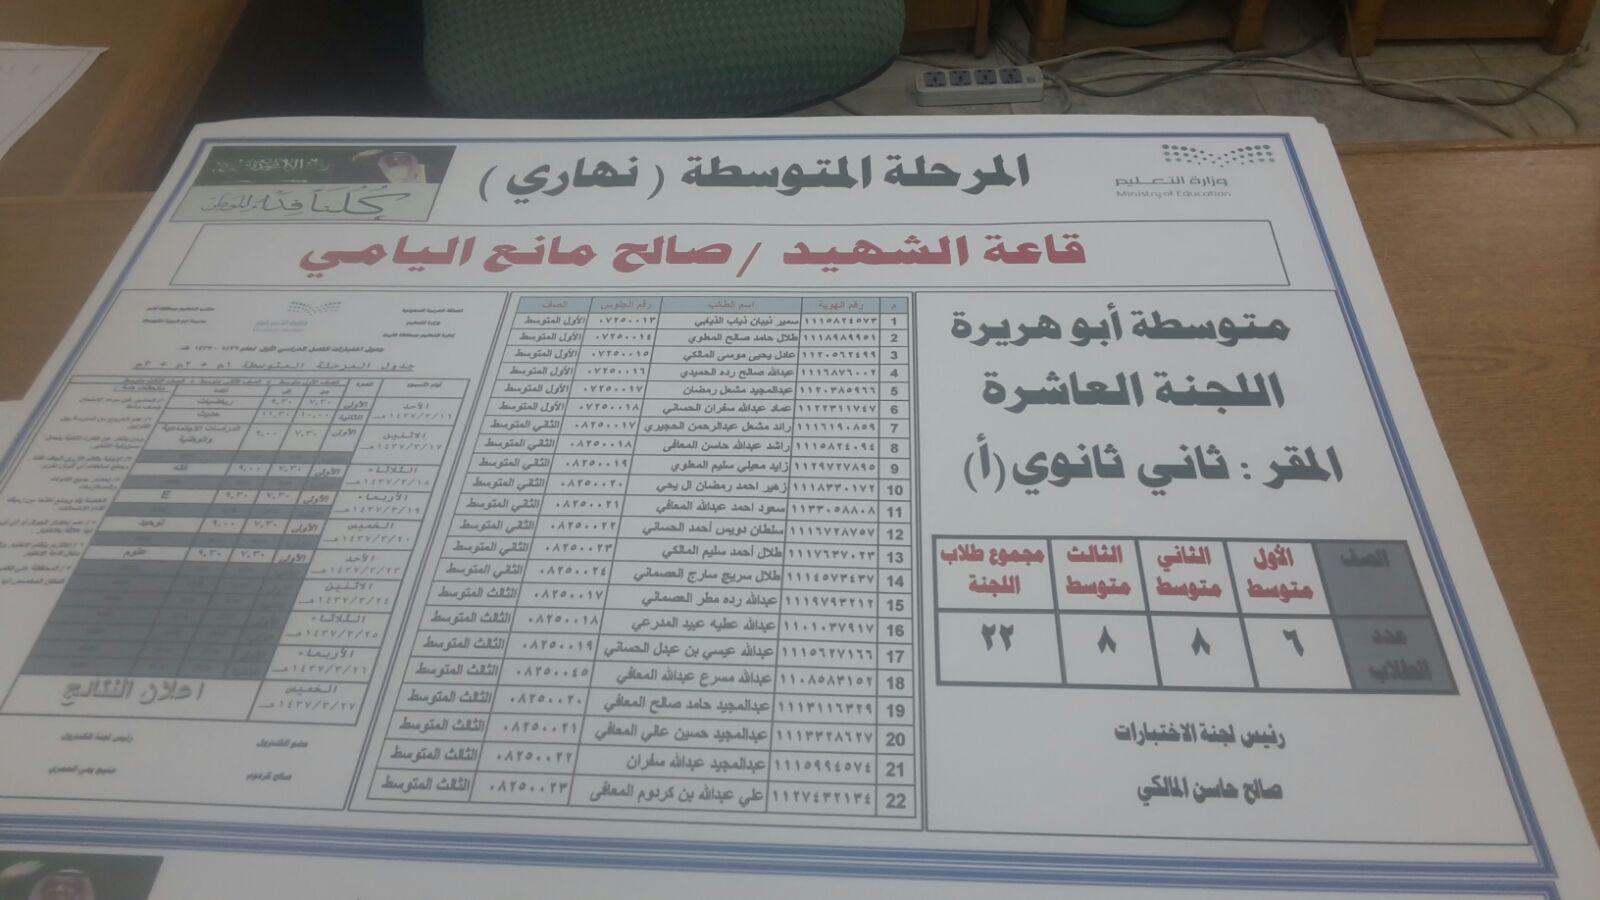 اسماء-الشهداء-تزين-مدرستين-باضم (4)